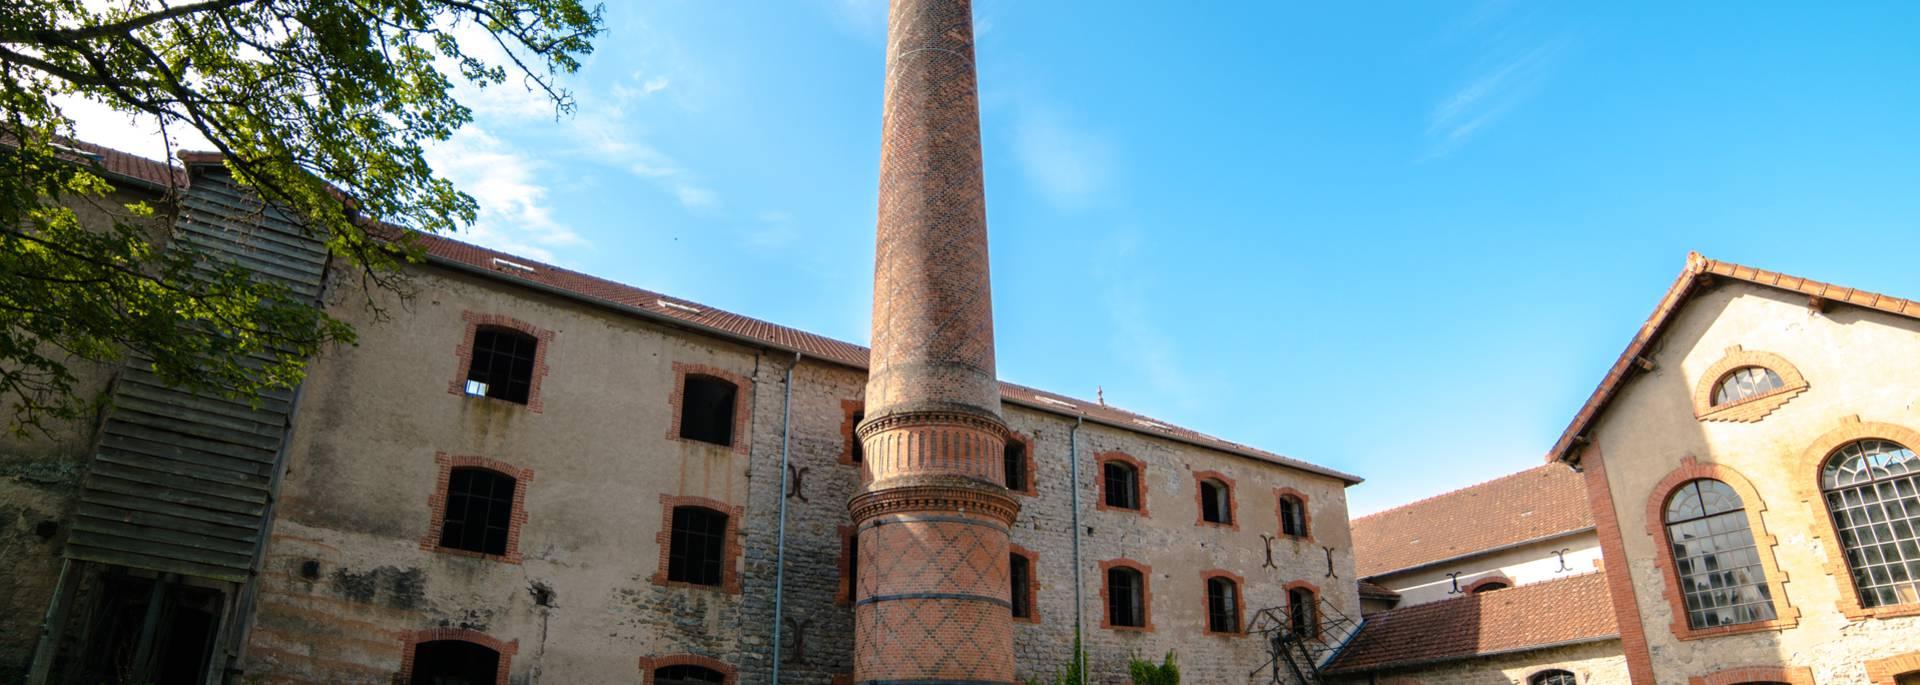 Vue des ateliers et de la cheminée de la Briqueterie, Ciry-le-Noble. © Franck Juillot.